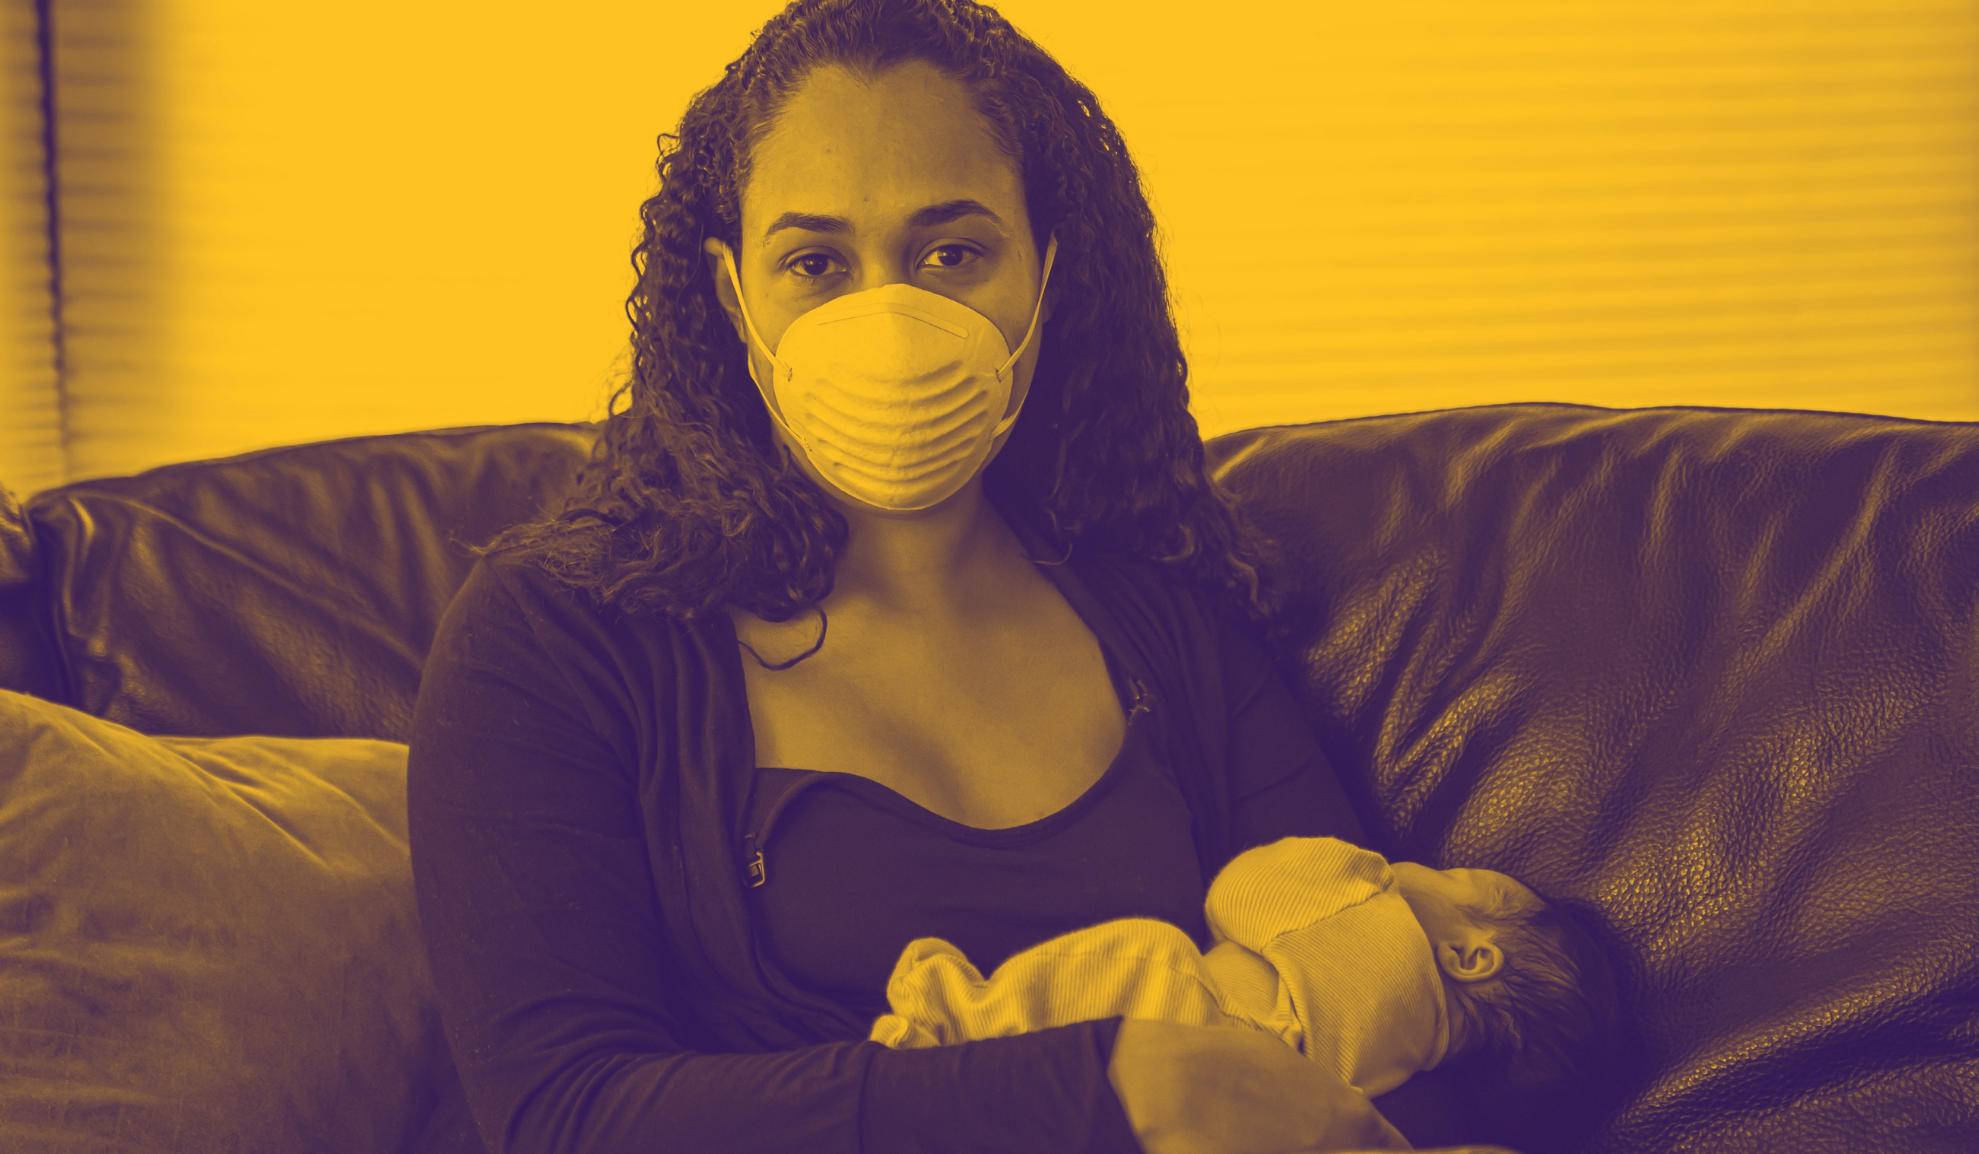 Were millennials hit hardest by the coronavirus recession?